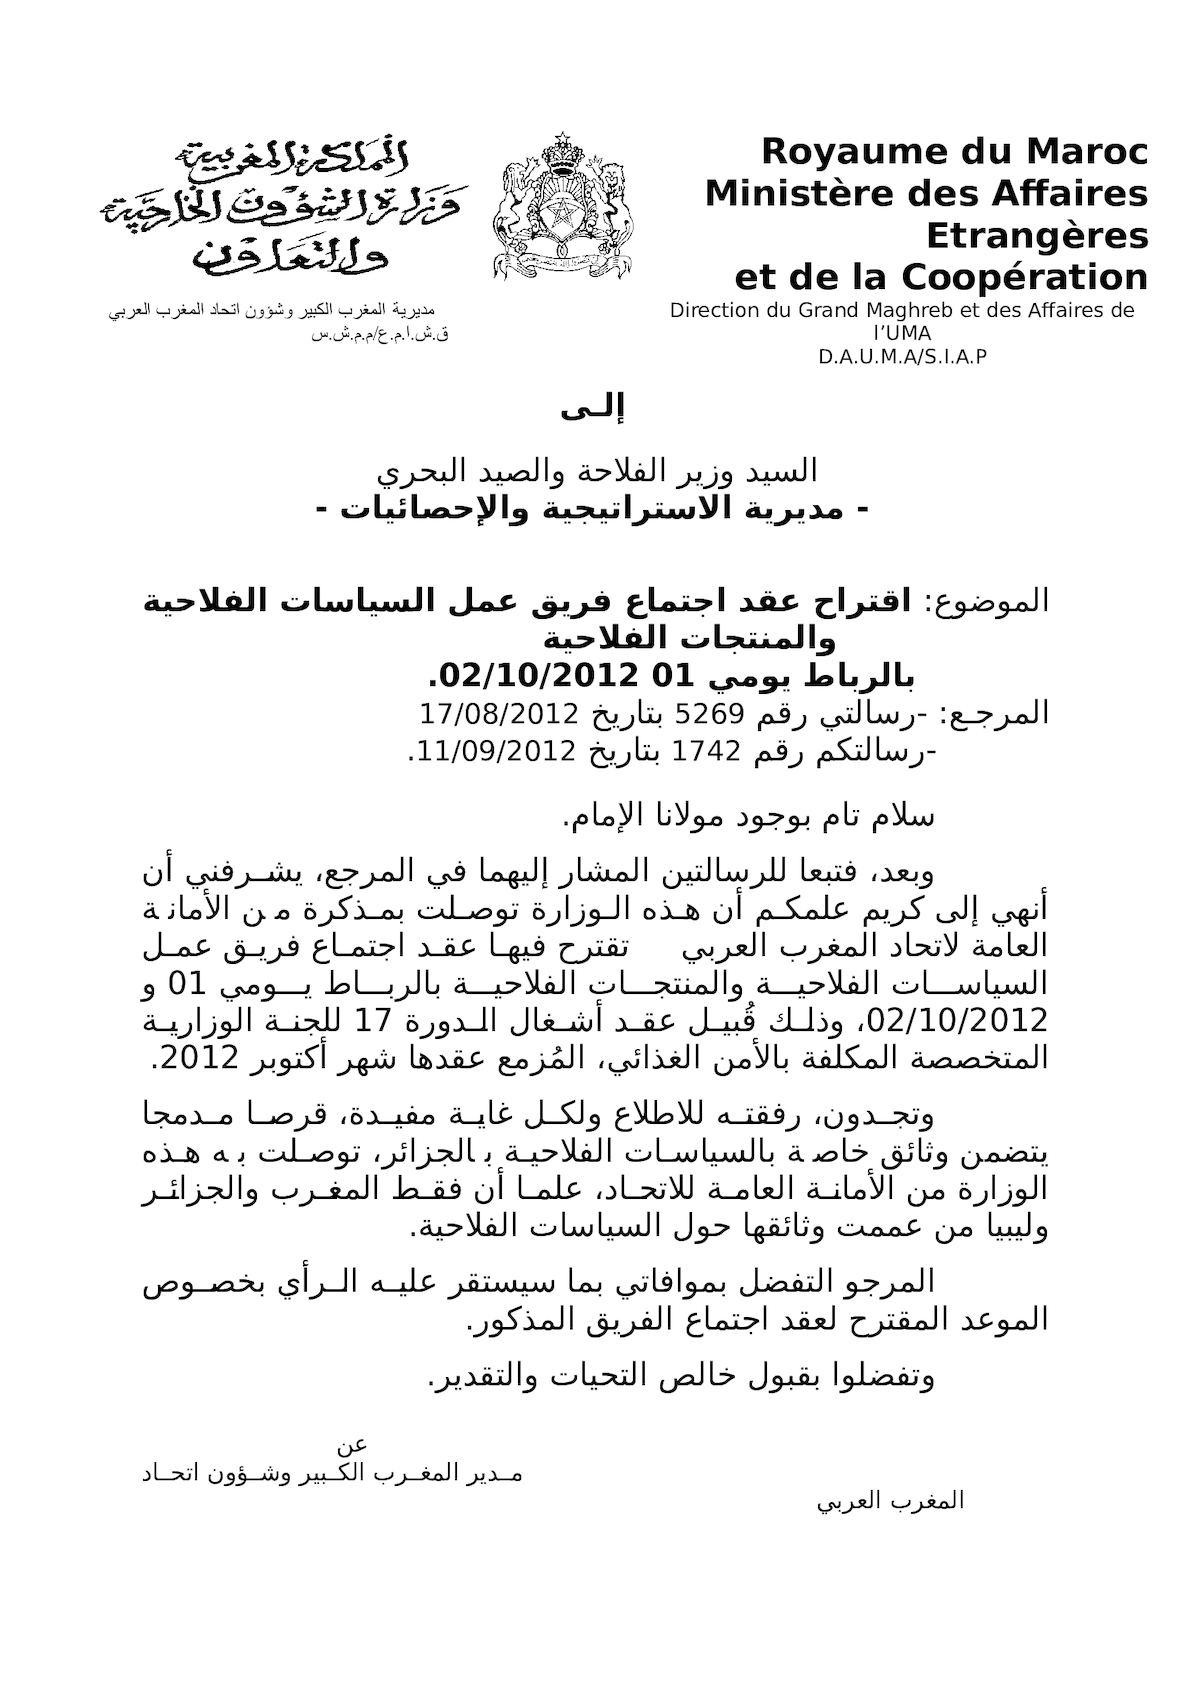 اقتراح اجتماع فريق عمل السياسات الفلاحية والمنتجات الفلاحية 20 09 2012